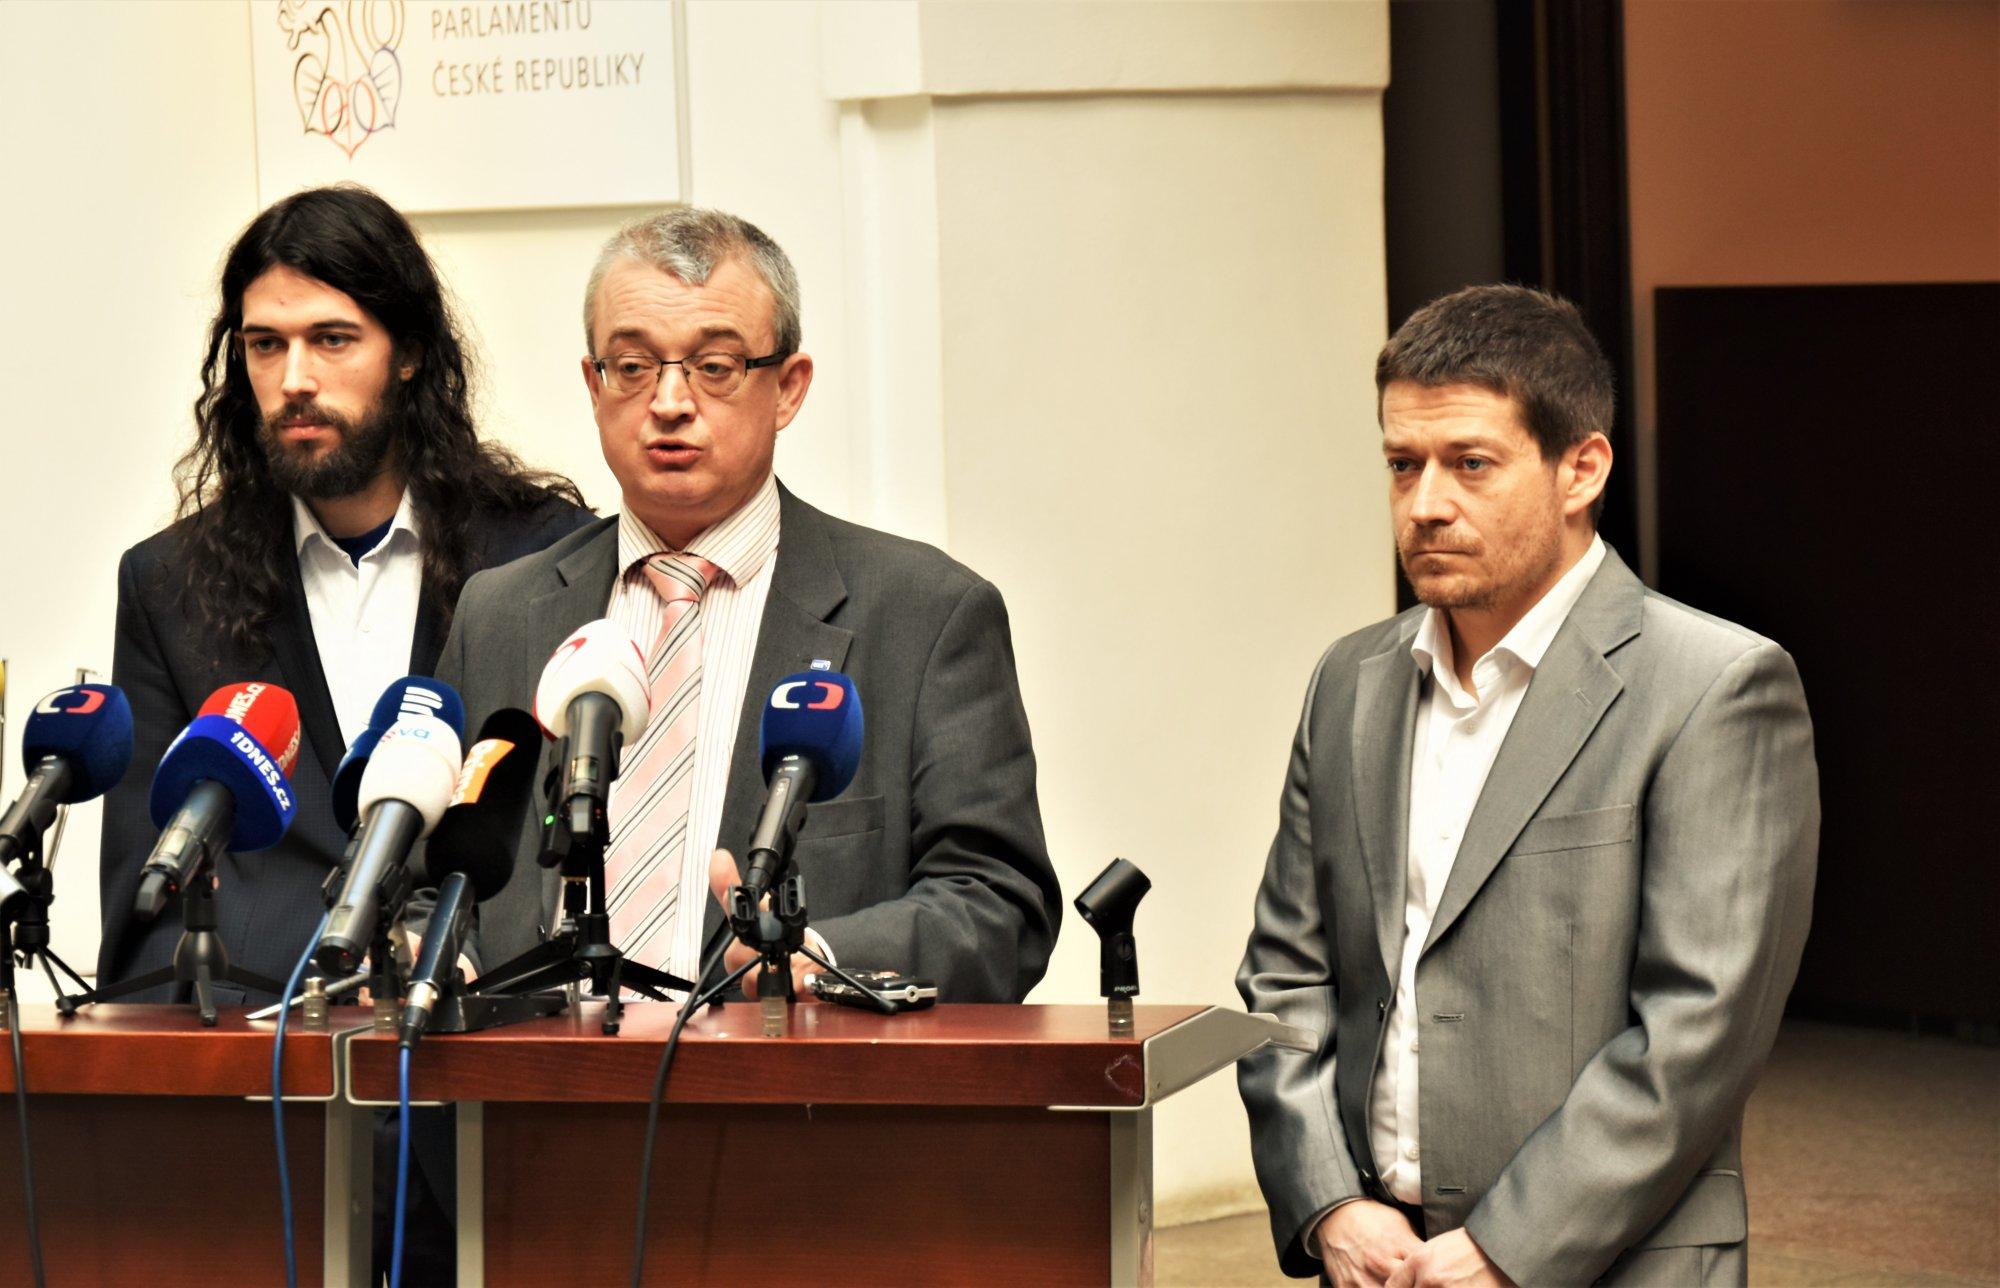 Poslanci v čele s Markem Bendou navrhují zmírnění protikuřáckého zákona